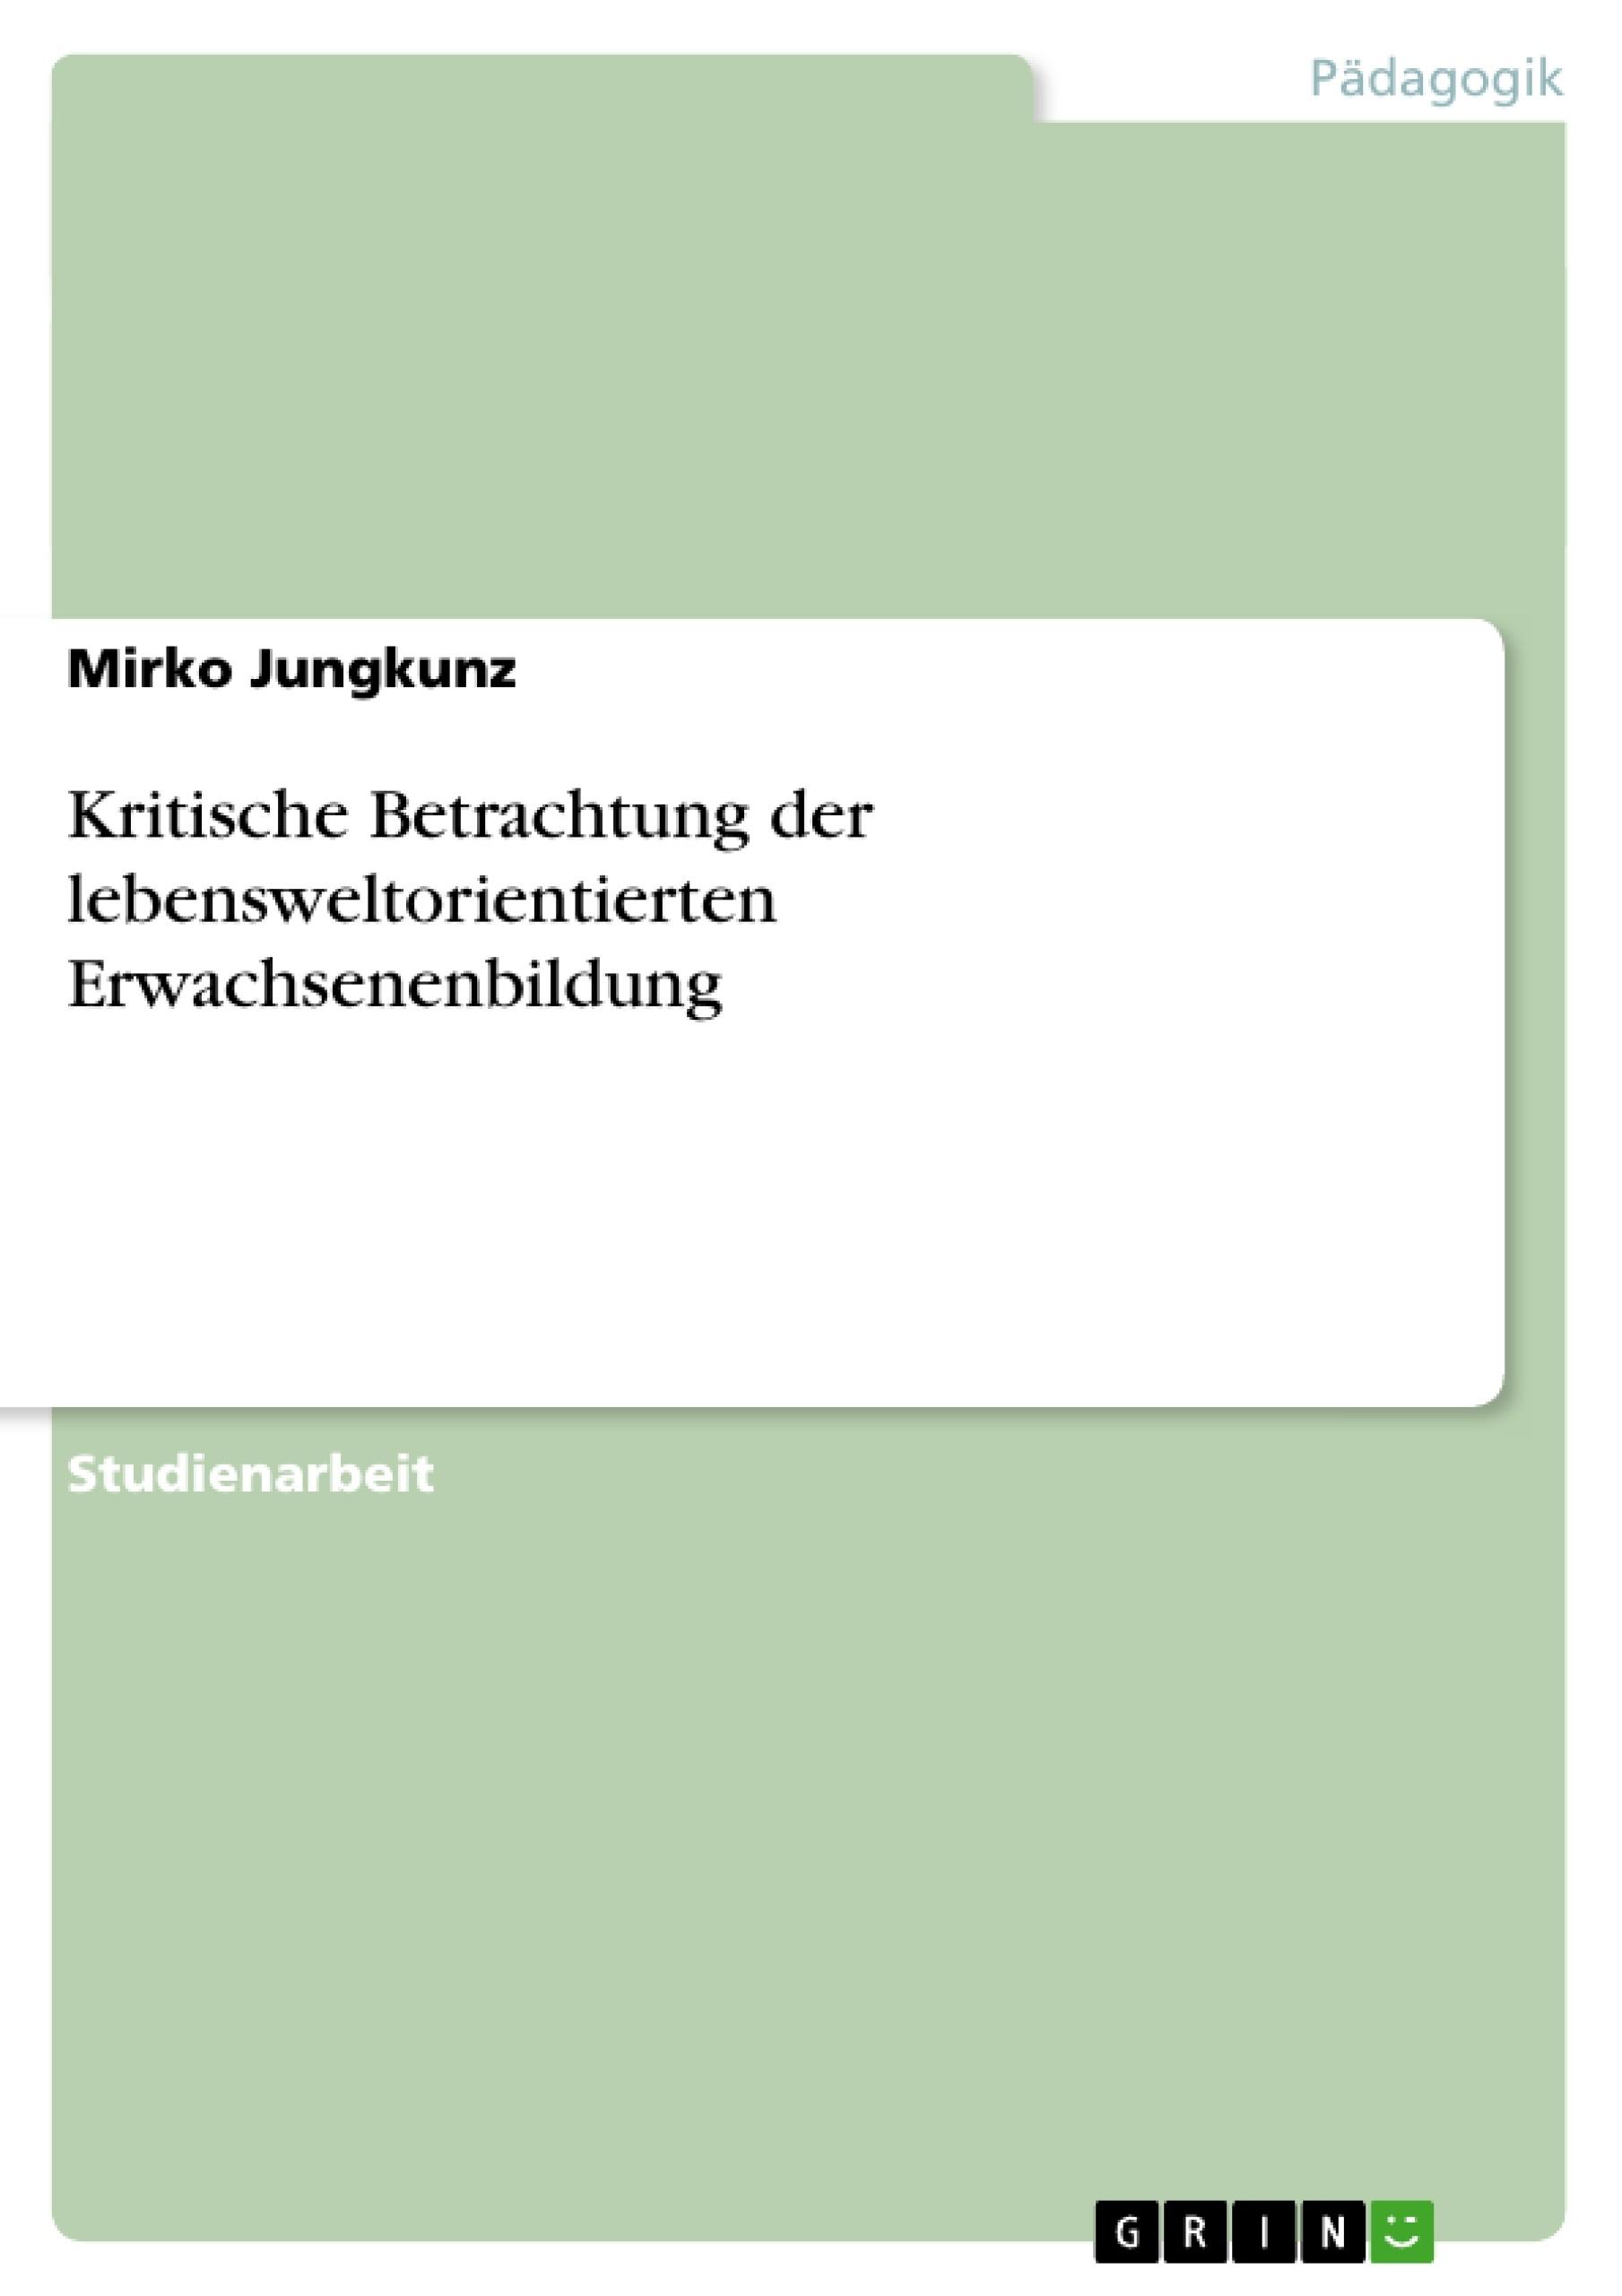 Titel: Kritische Betrachtung der lebensweltorientierten Erwachsenenbildung